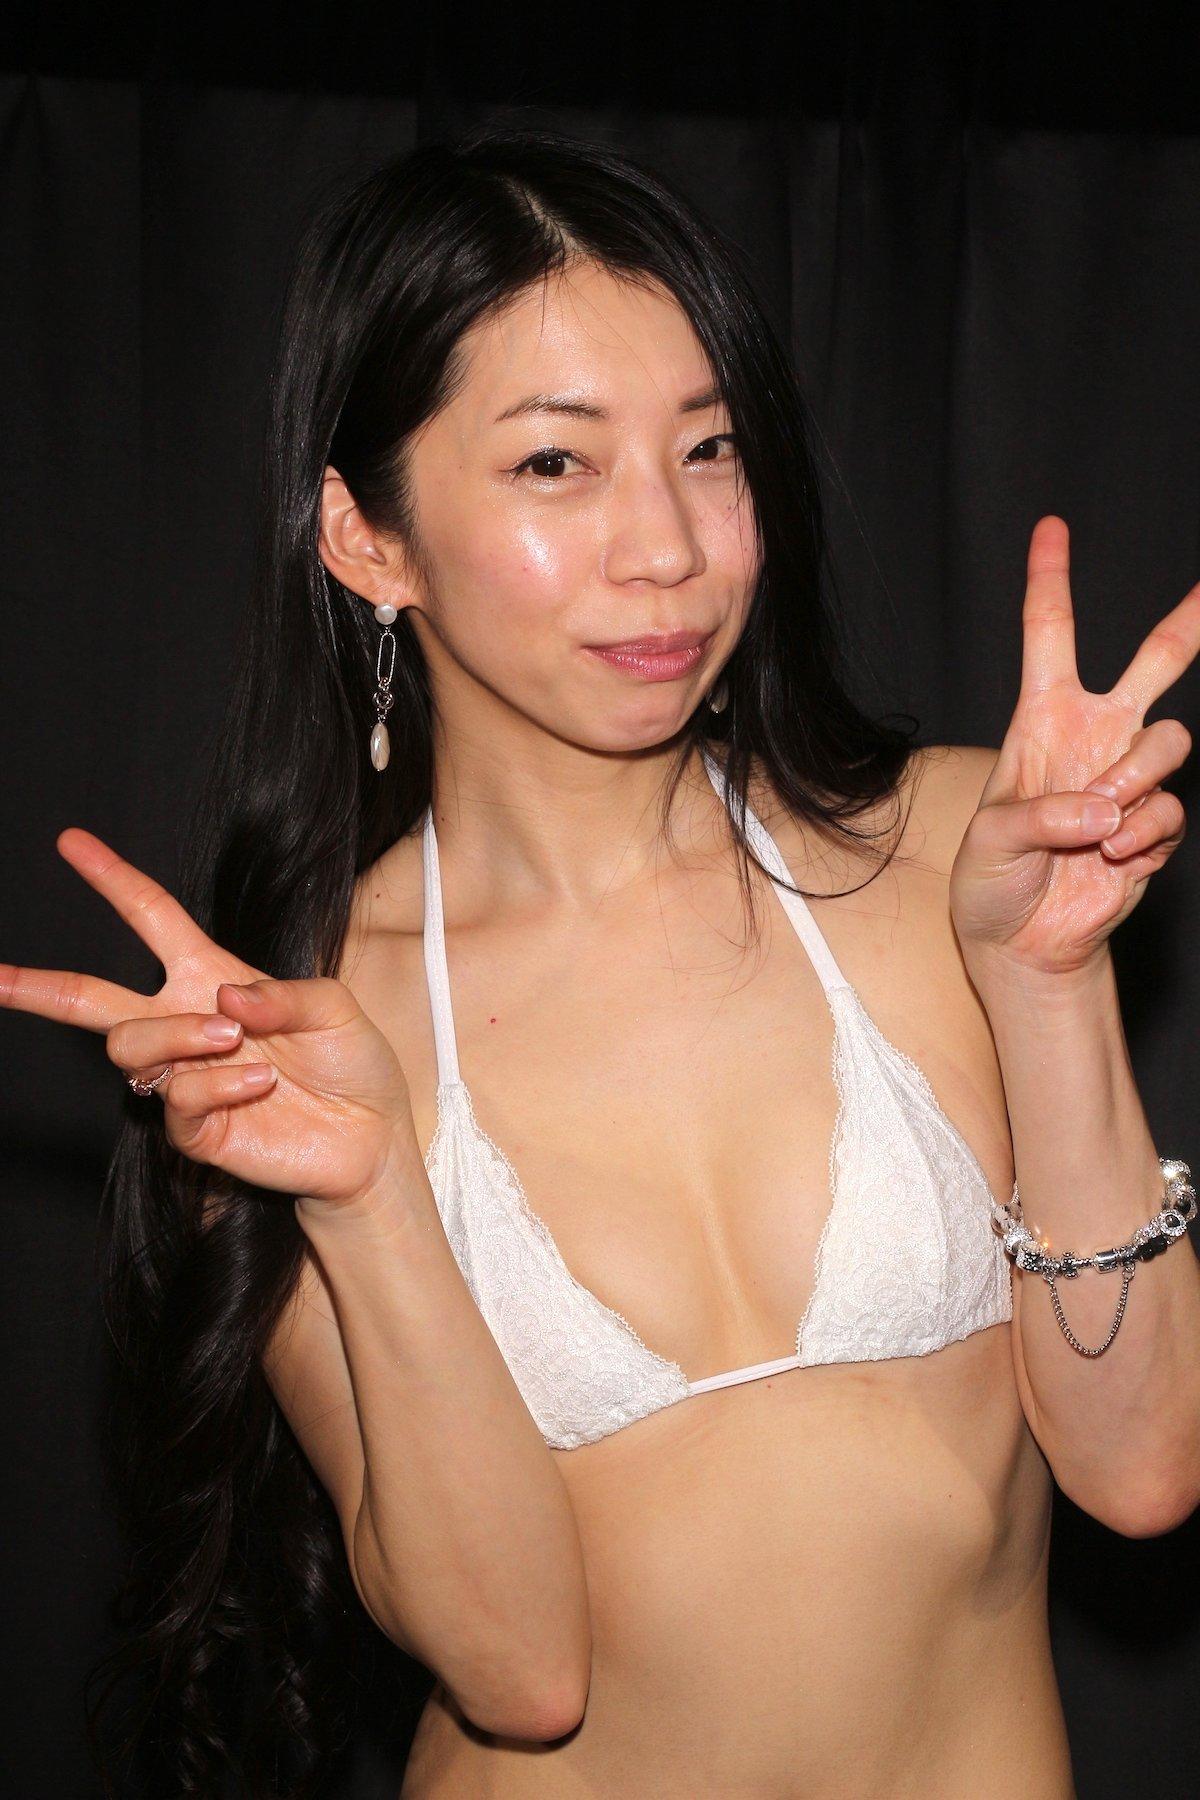 岩崎真奈「ベンチの縁にこすったり」私史上最高にセクシー【画像50枚】の画像028